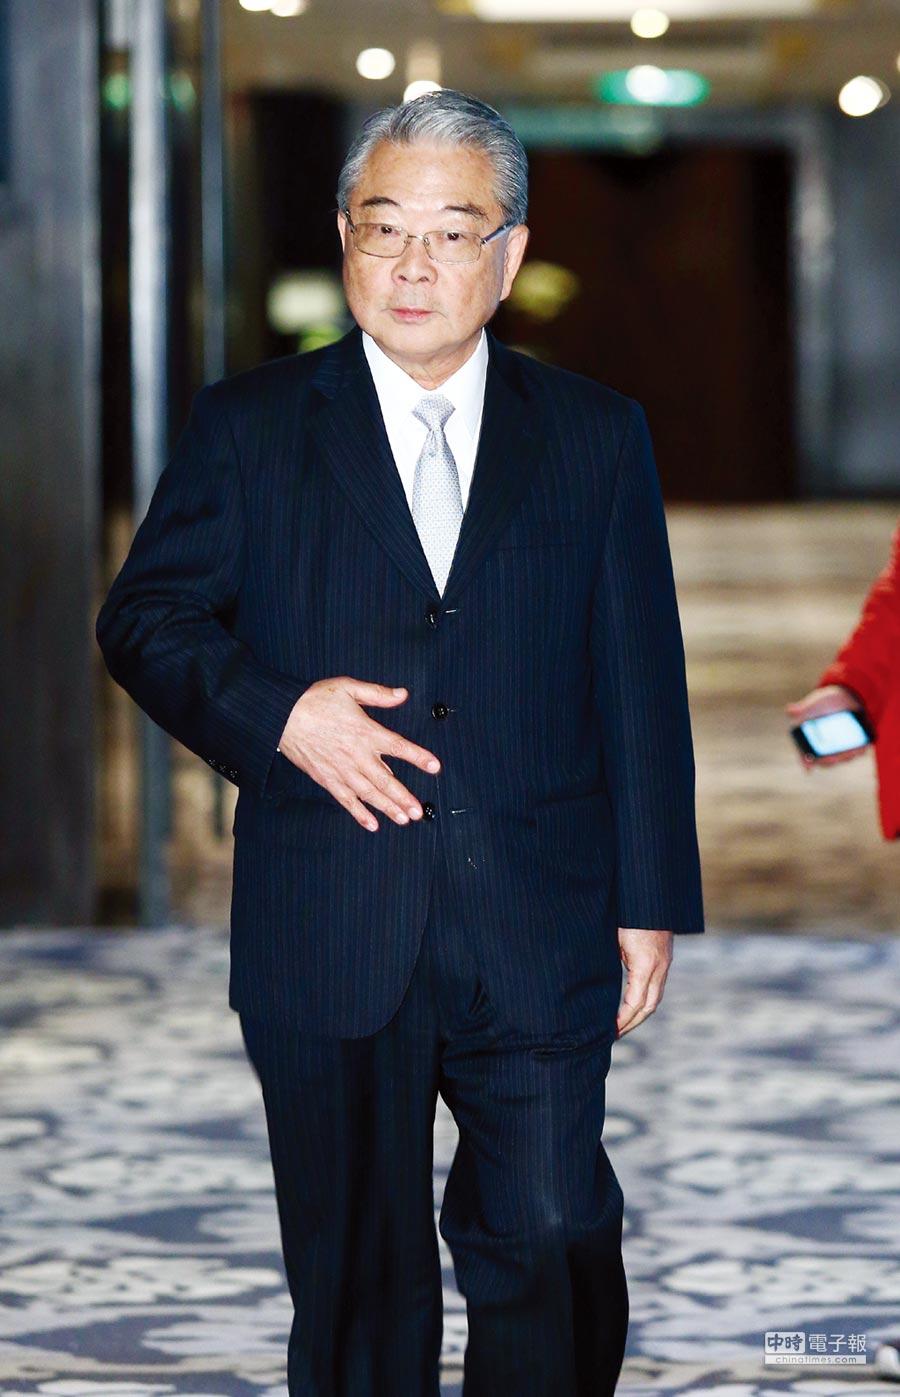 許勝雄:GDP成長率要「更上一層樓」,需要政府提供更大的能量持續發展經濟。